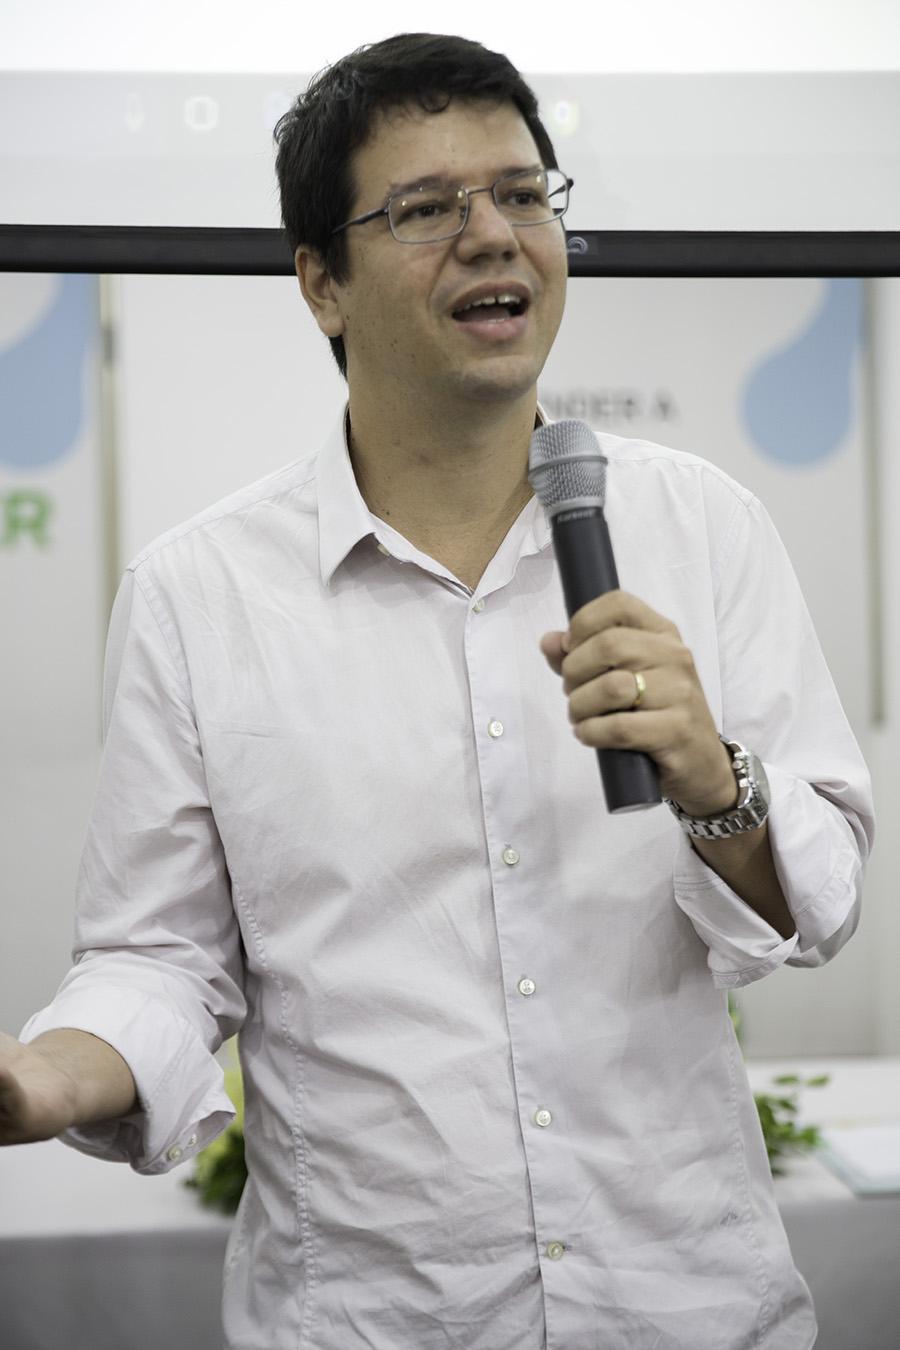 Claudio Motta, representante da Ternium, fala aos formandos